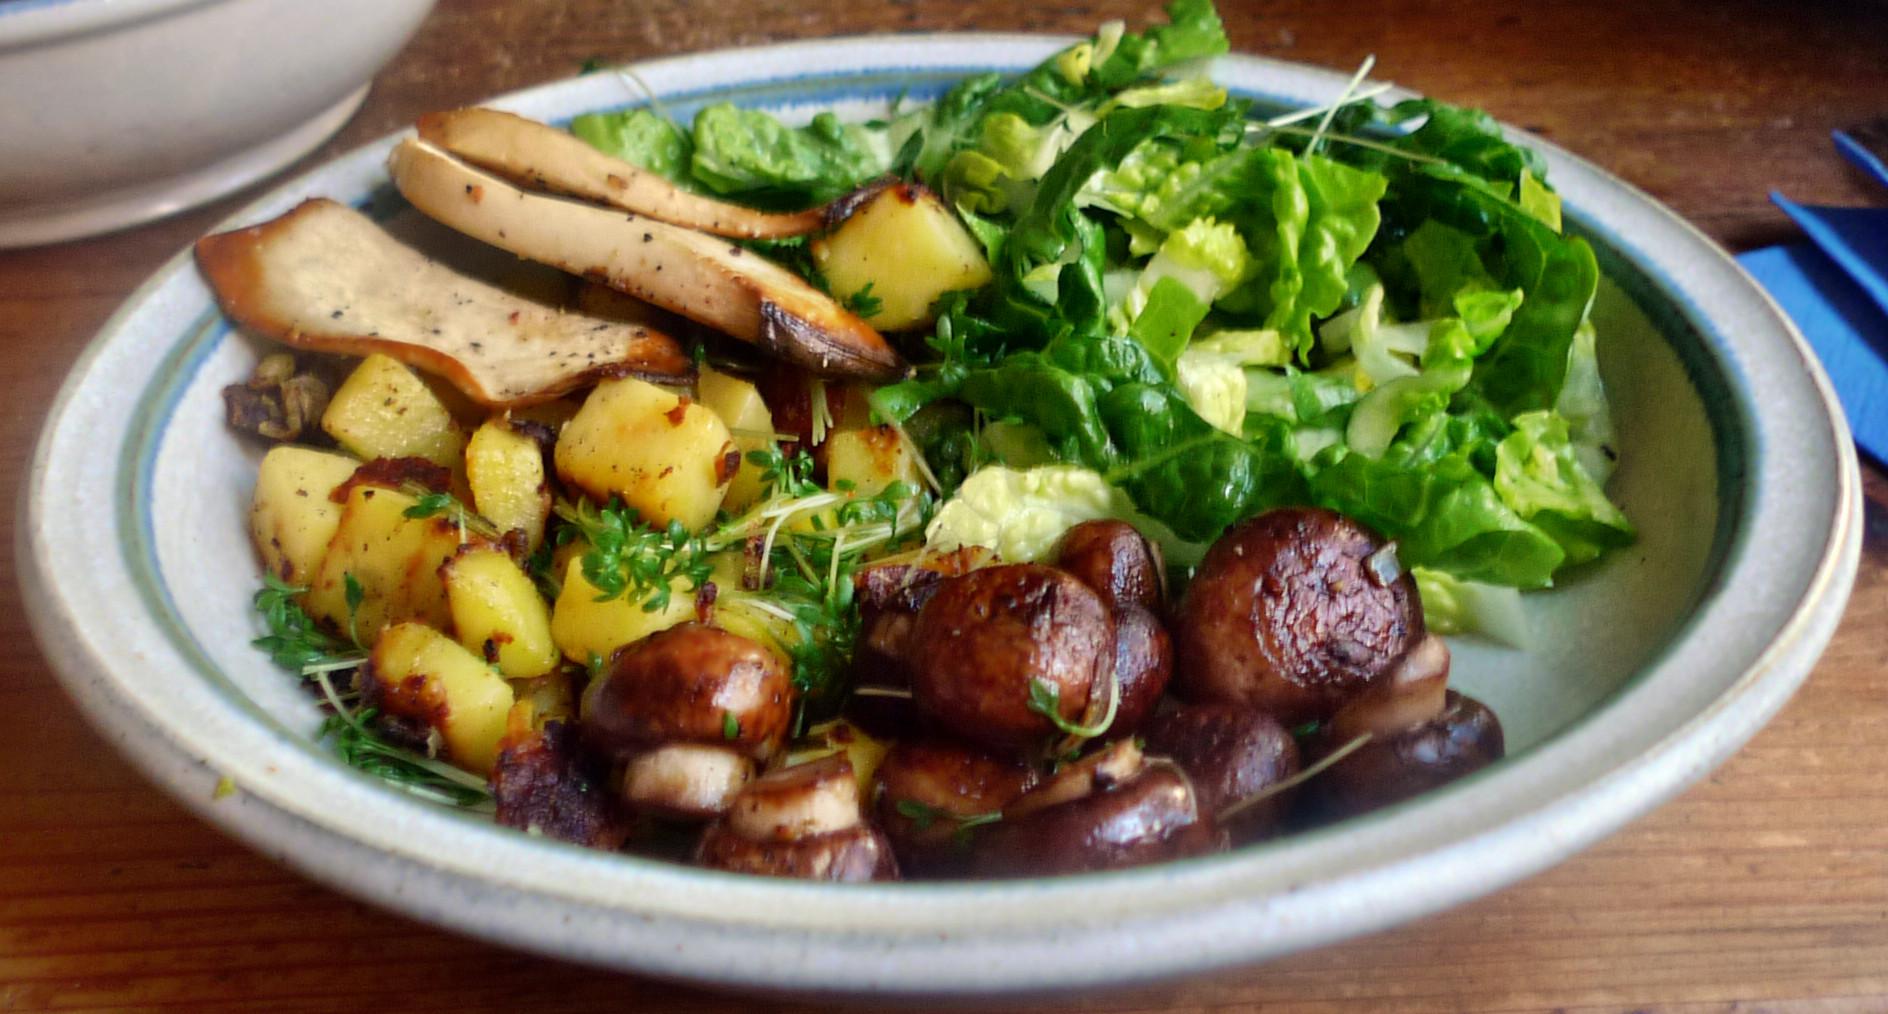 Roh gebratene Kartoffeln,Kräutersaitlinge,Champignon,Römersalat - 26.2.15   (1)